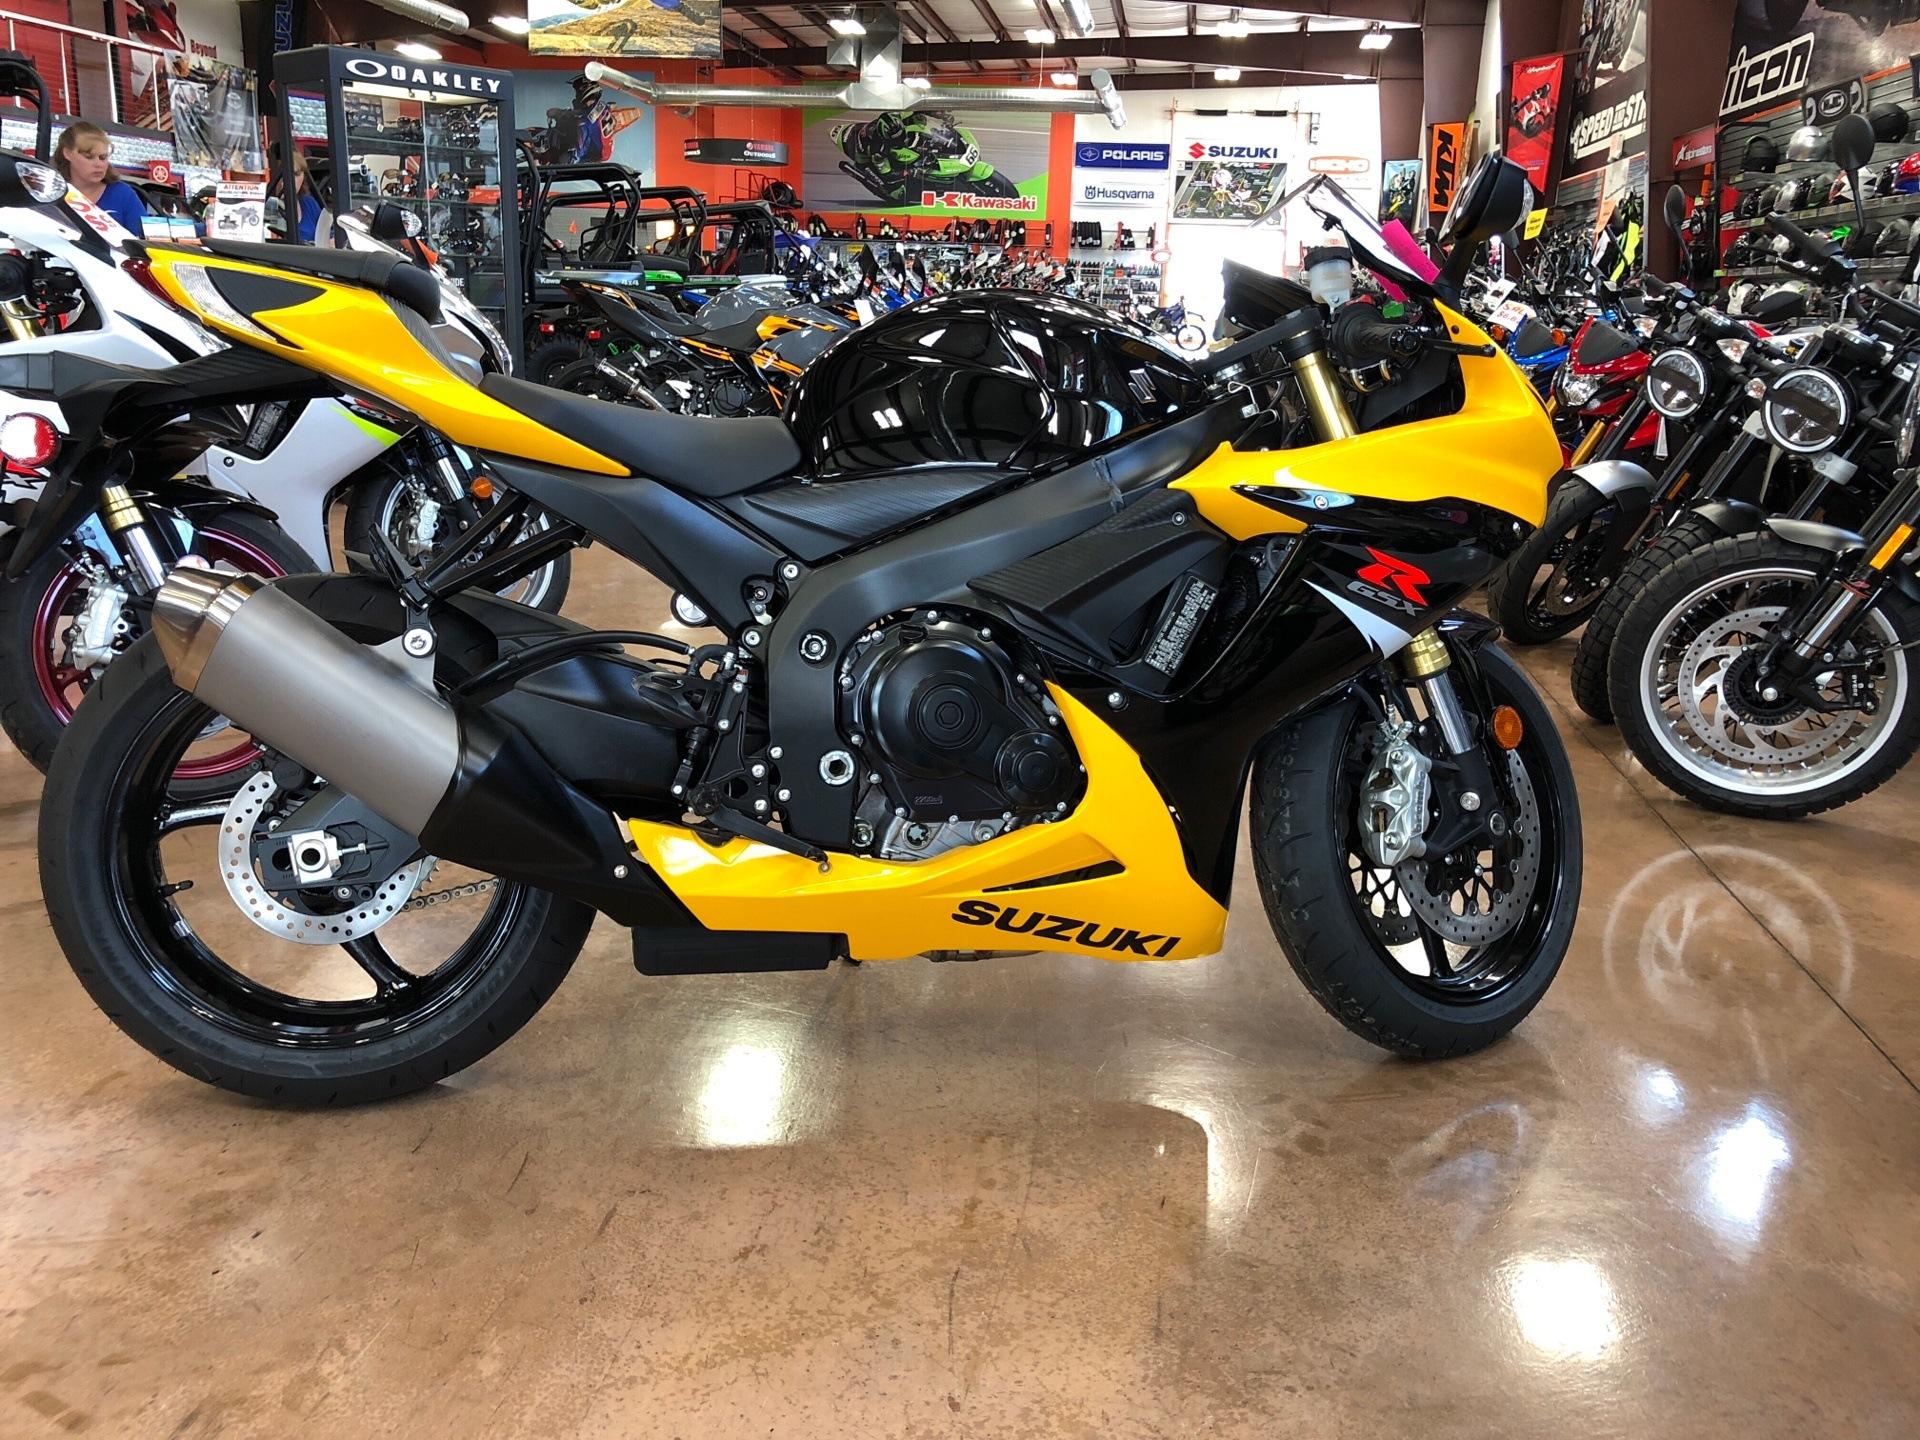 2017 Suzuki GSX-R750 for sale 4859